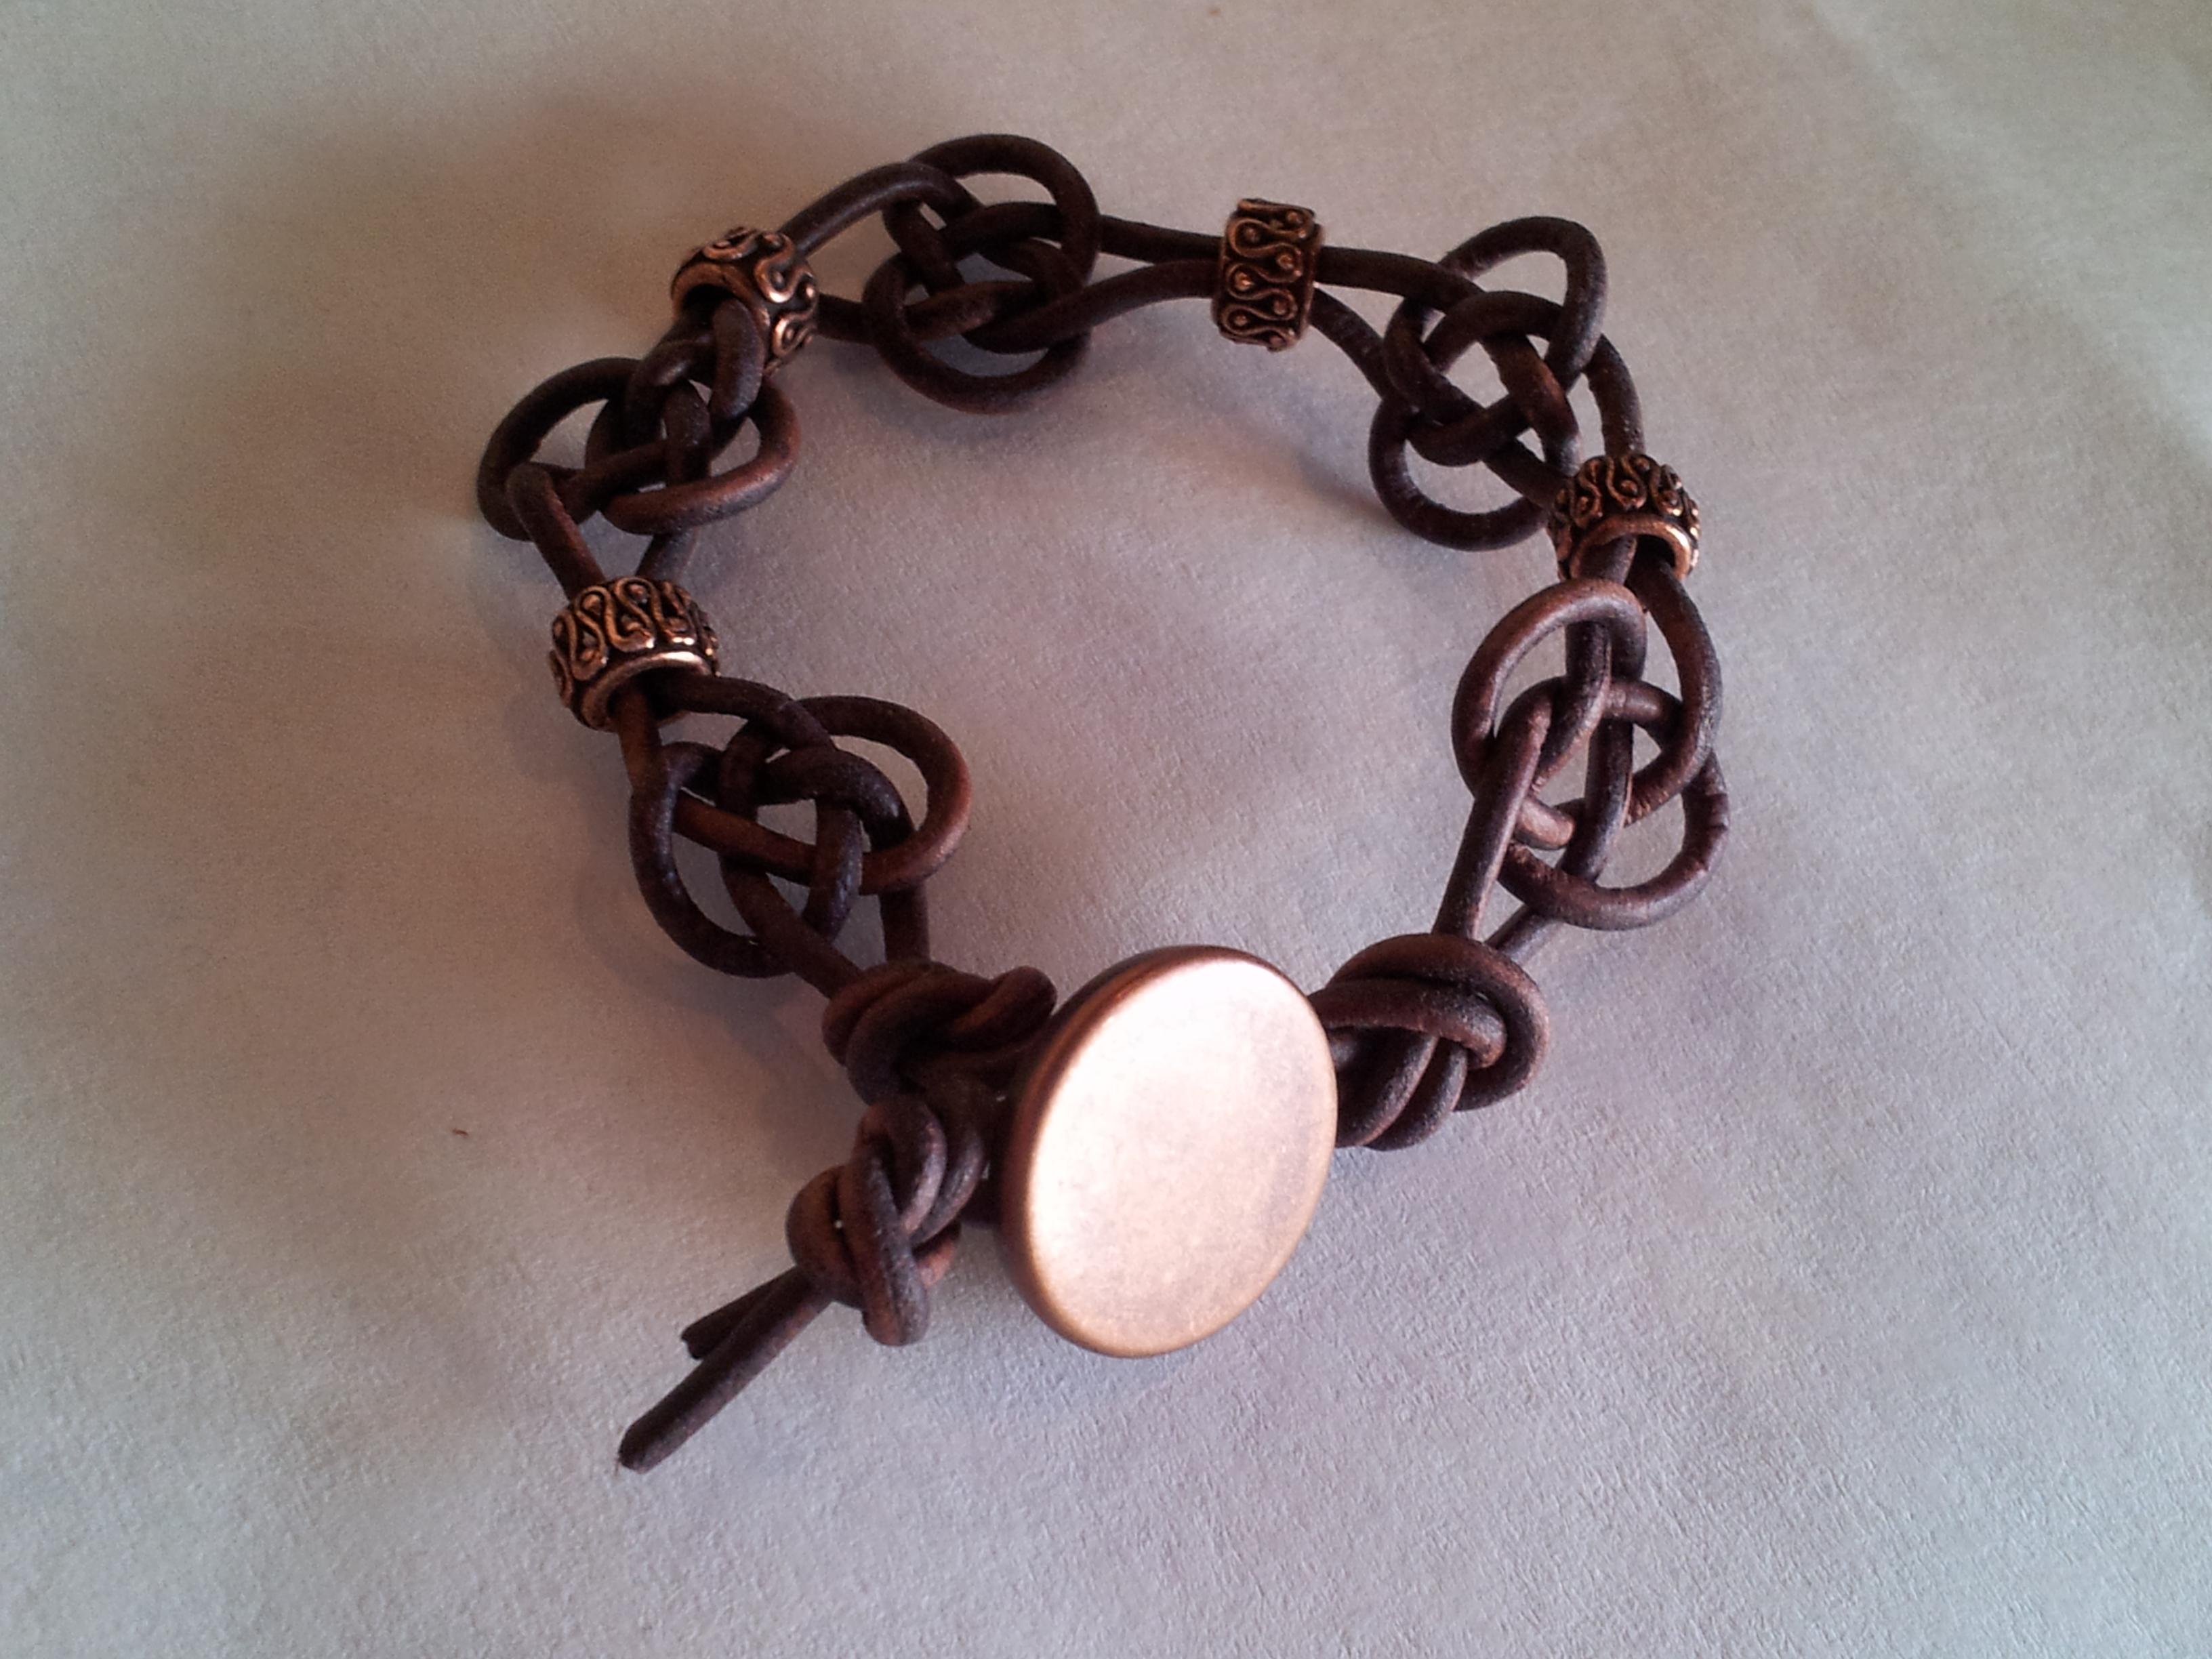 celtic knot bracelet tutorial the tamara blog. Black Bedroom Furniture Sets. Home Design Ideas